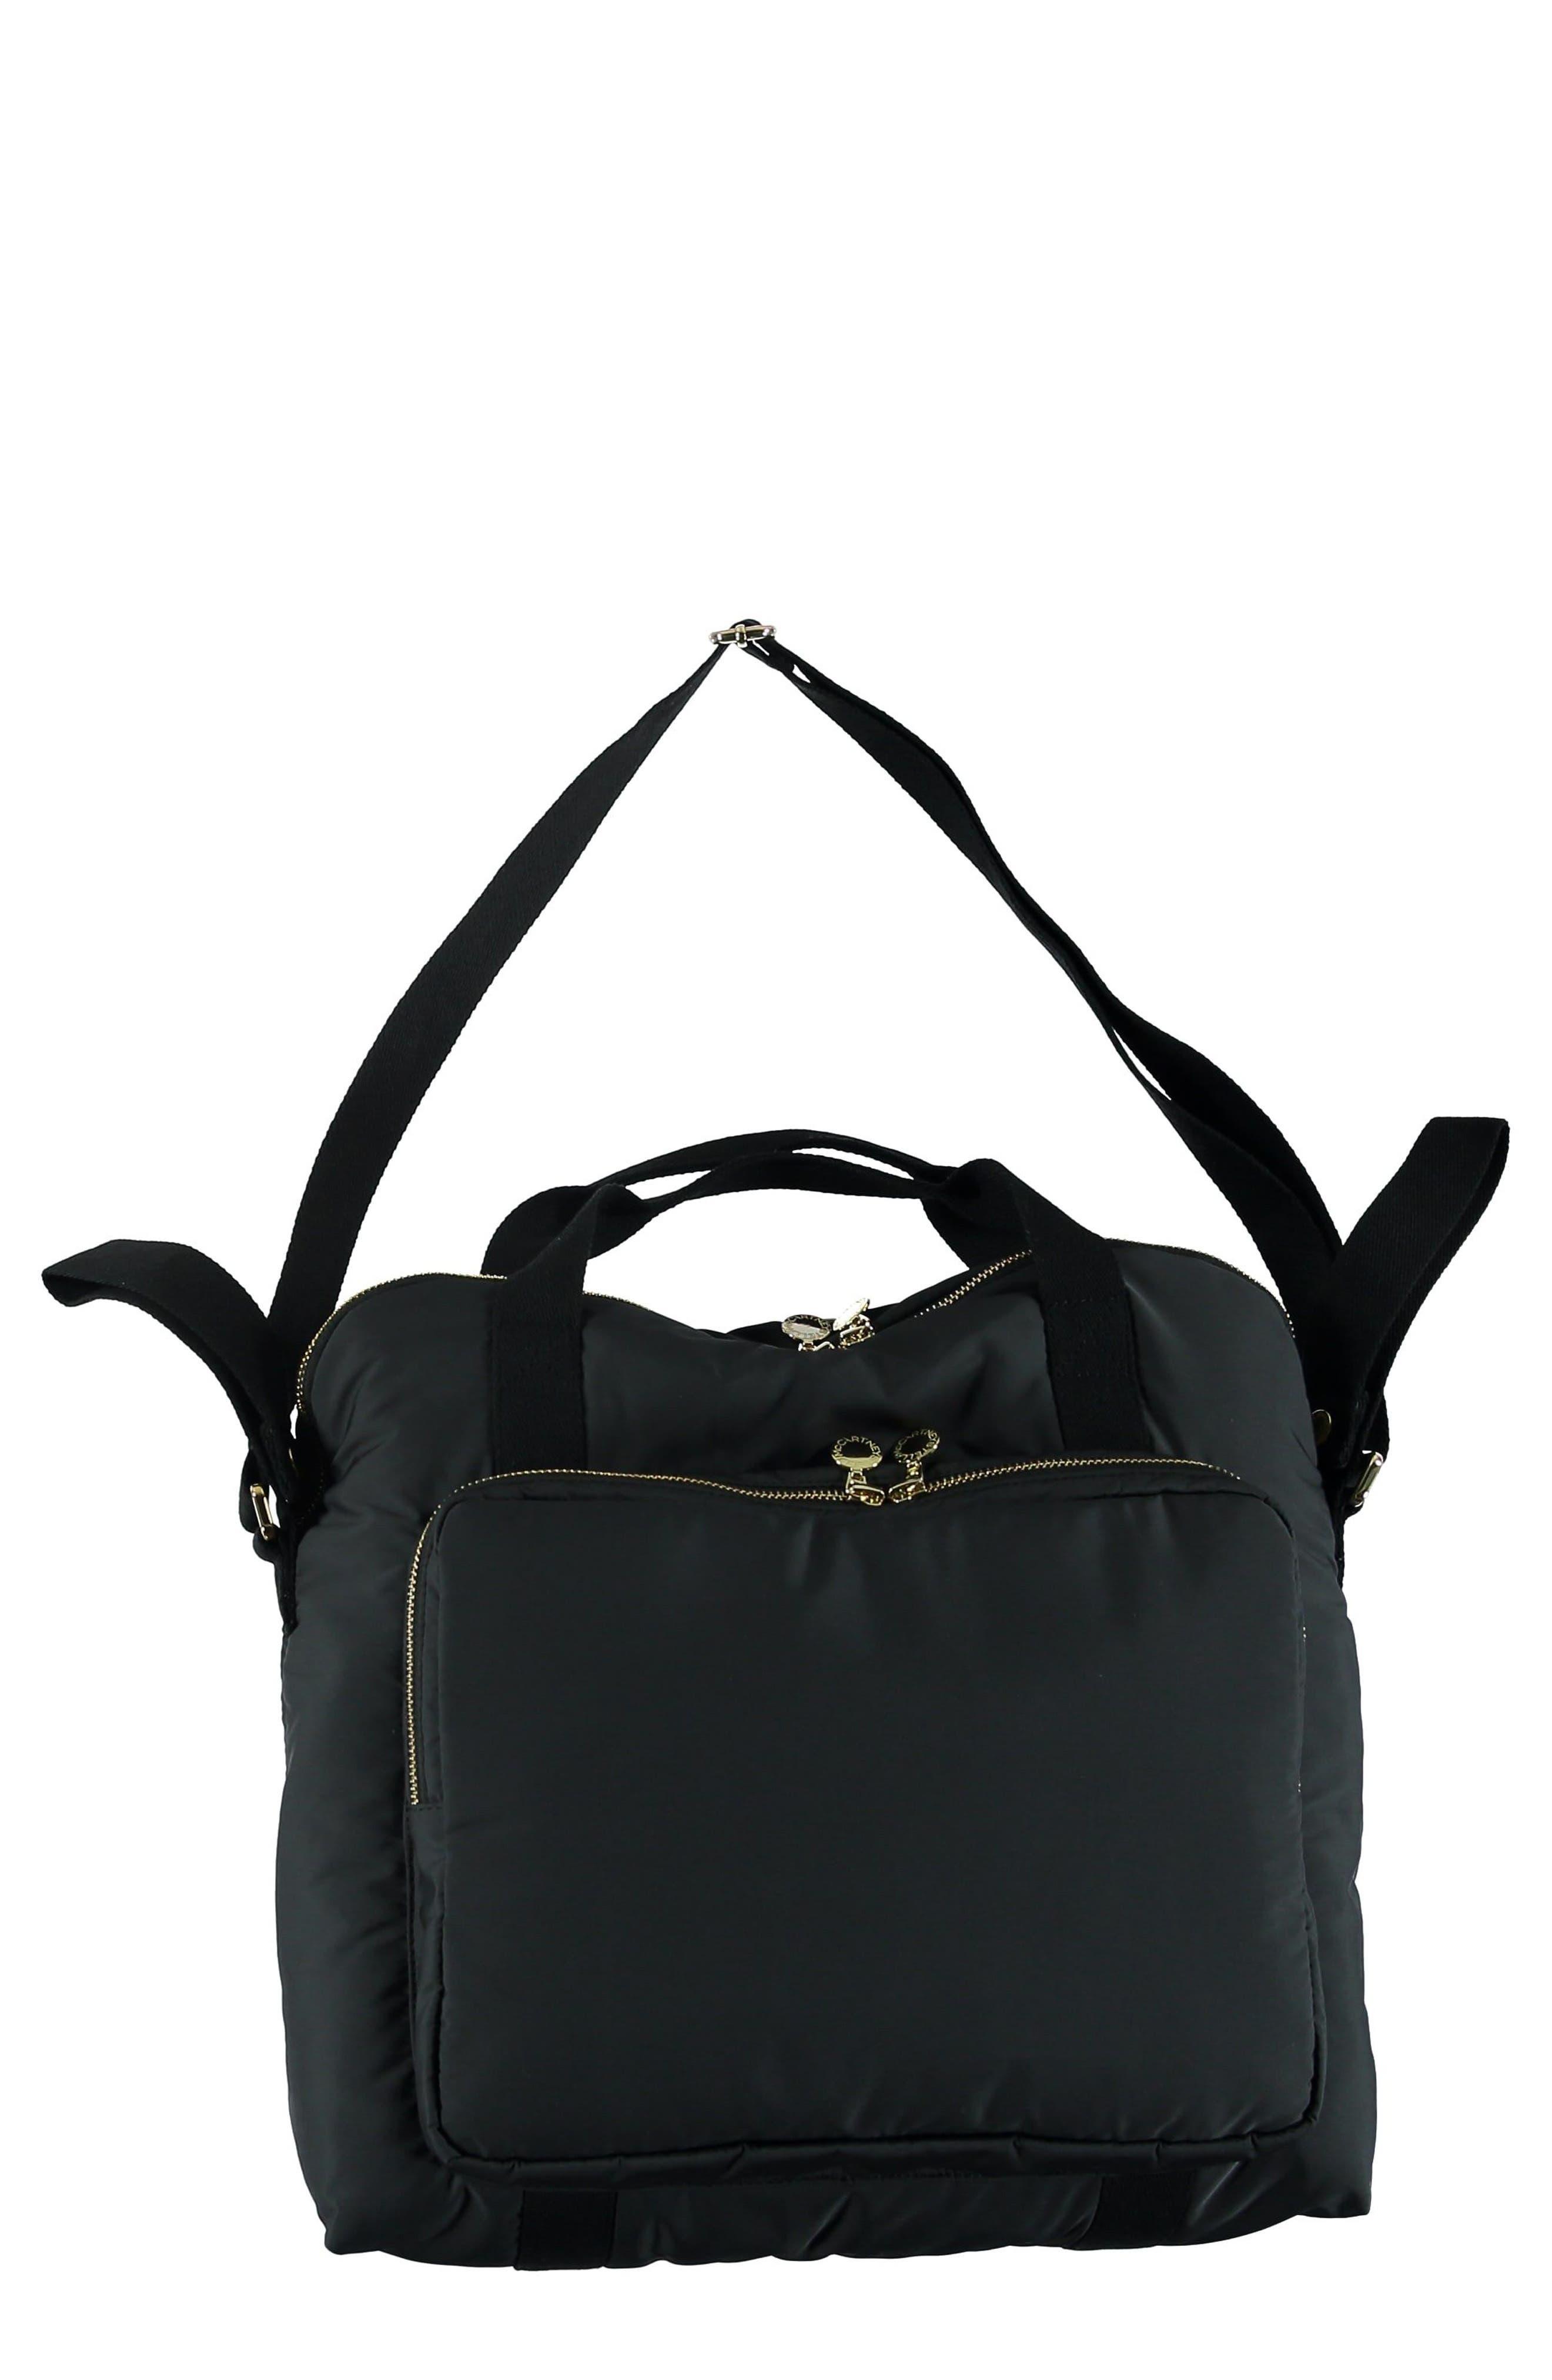 Fern Diaper Bag,                         Main,                         color, 1074 BLACK